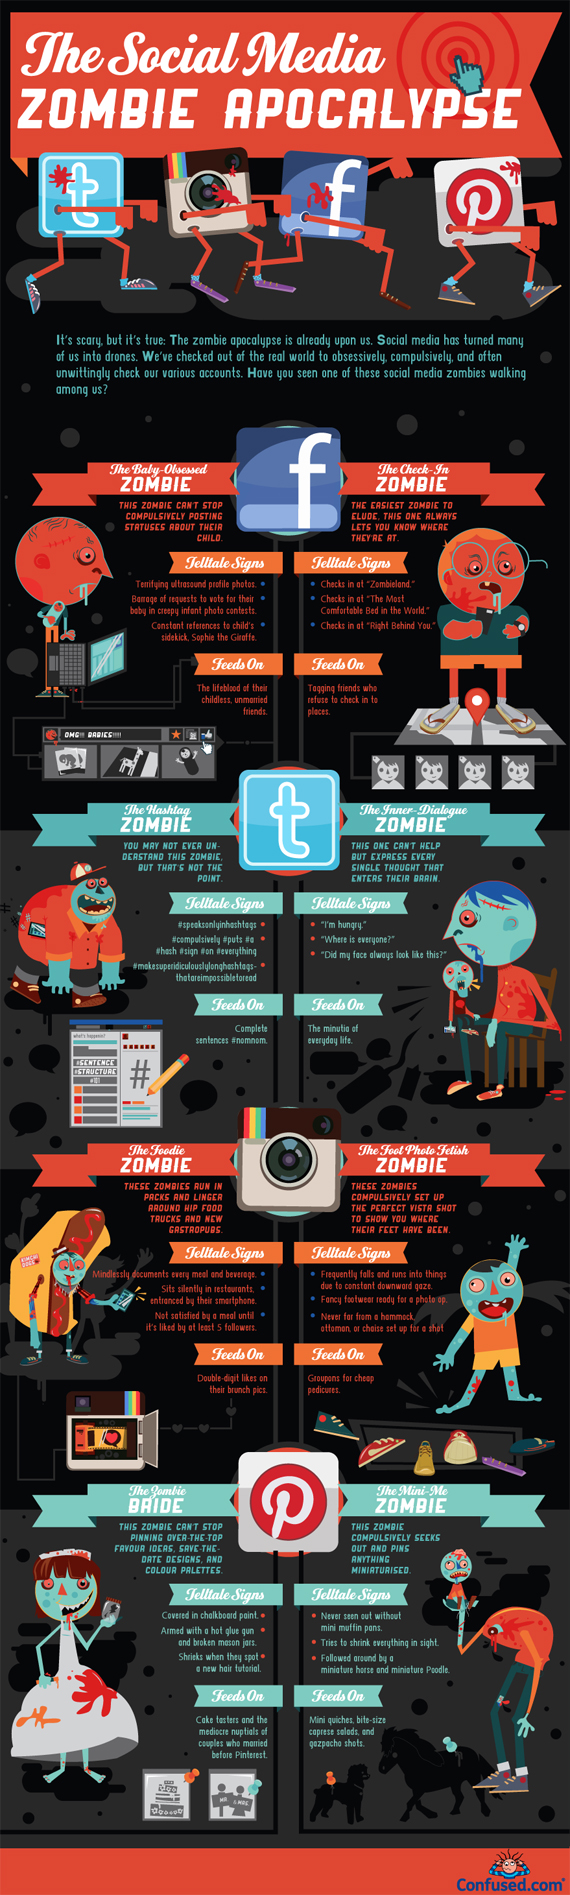 Social-Media-Zombie-Apocalypse-Infographic